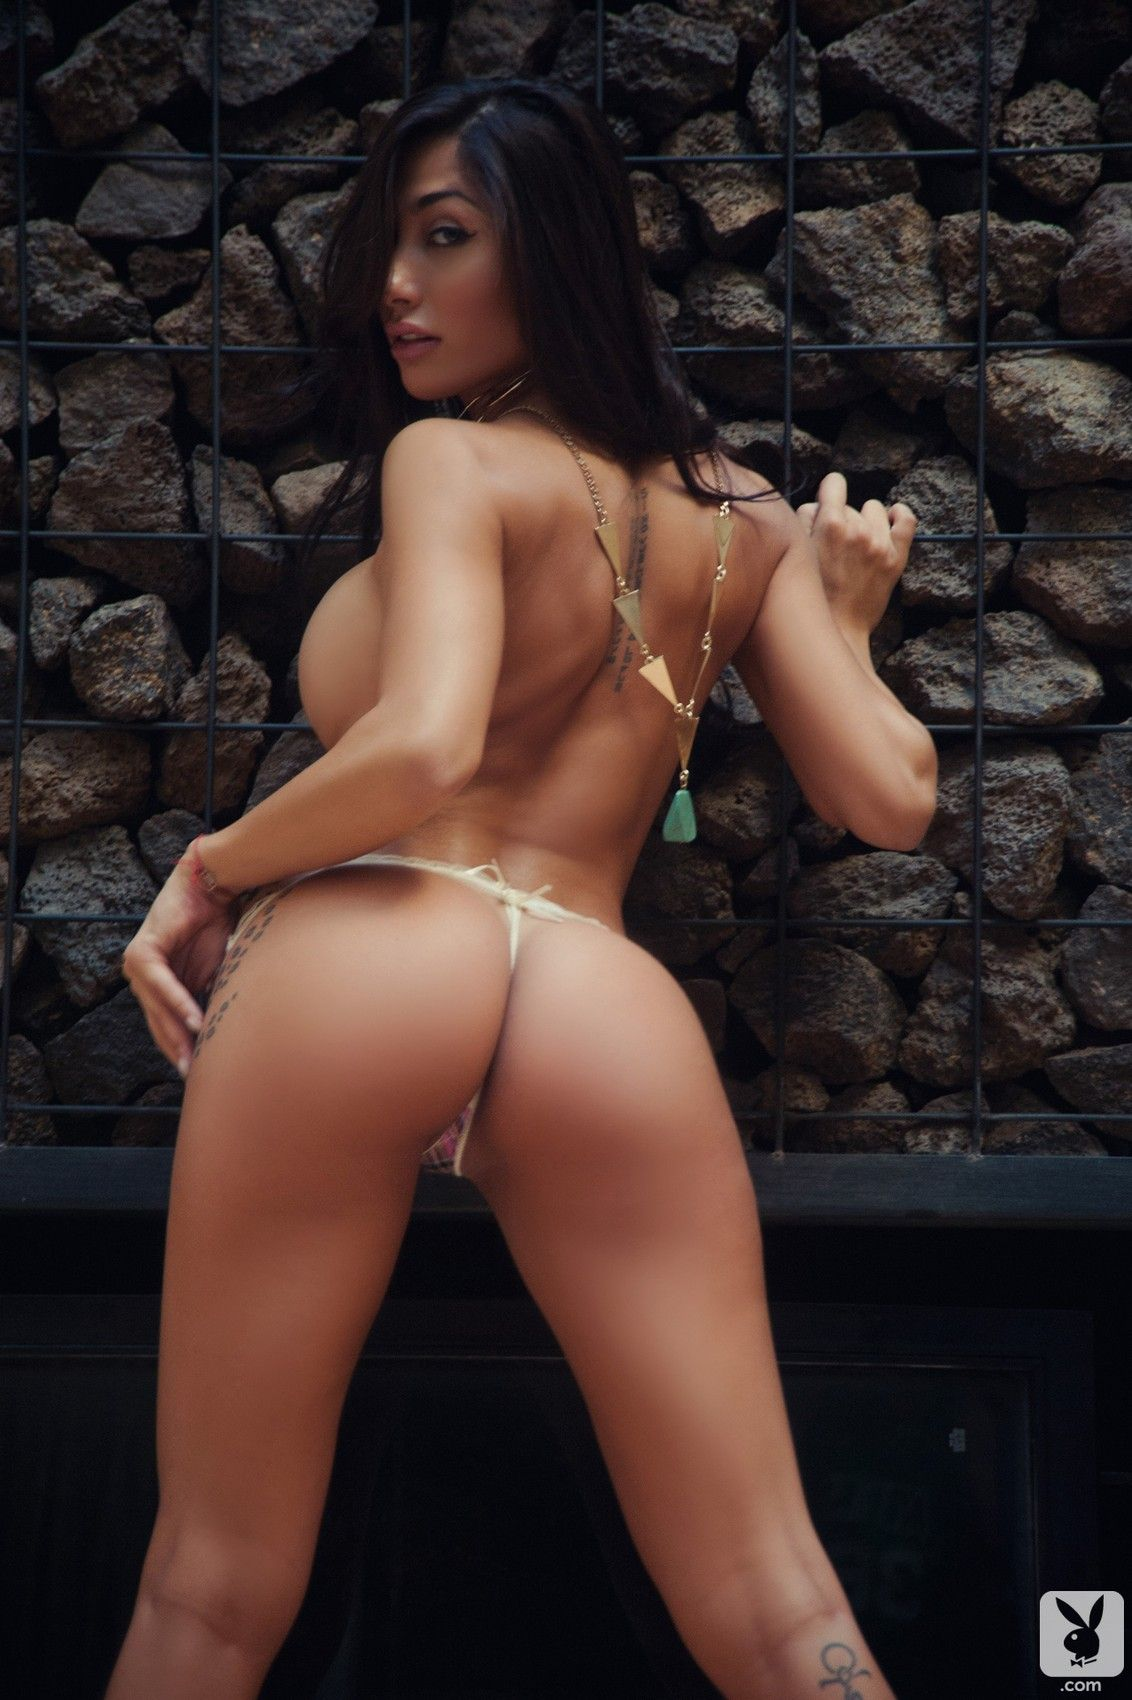 cote de pablo hot naked